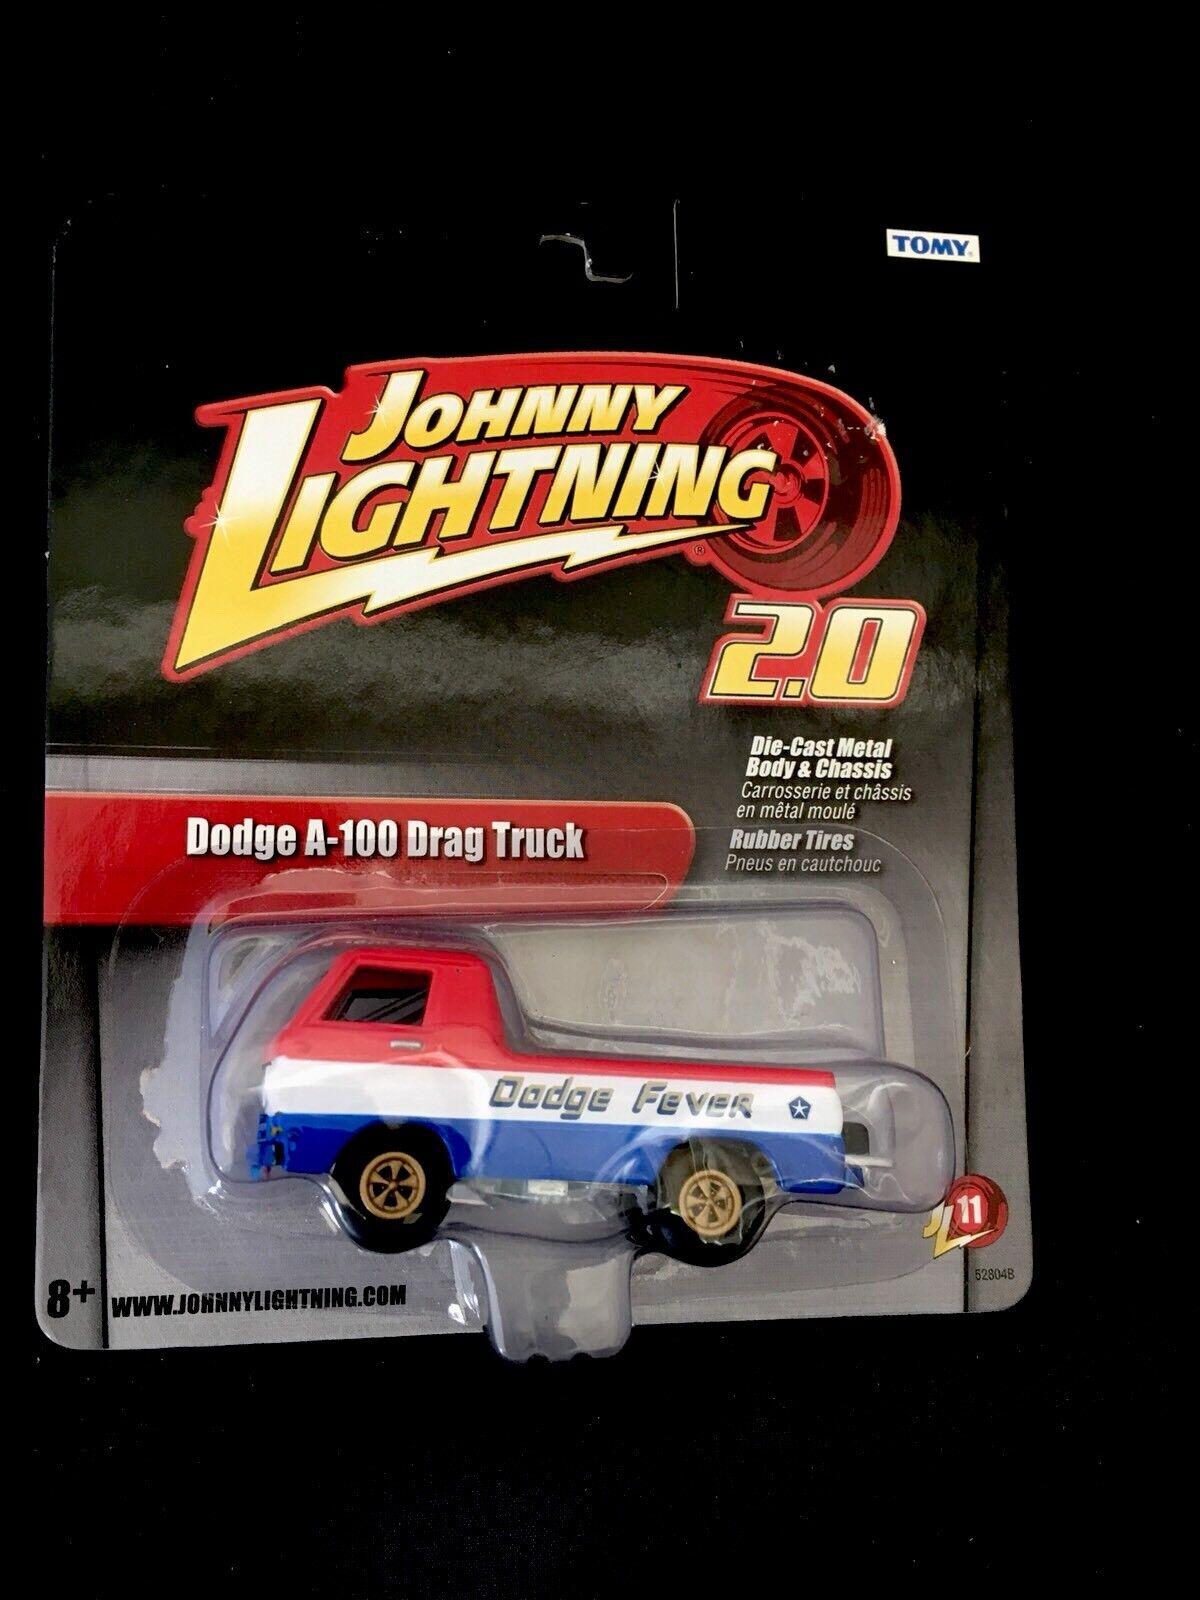 Precio por piso Johnny Lightning Dodge A-100 Arrastre Cochero Cochero Cochero 2.0 neumáticos de goma con el logotipo de la fiebre Dodge  barato y de alta calidad